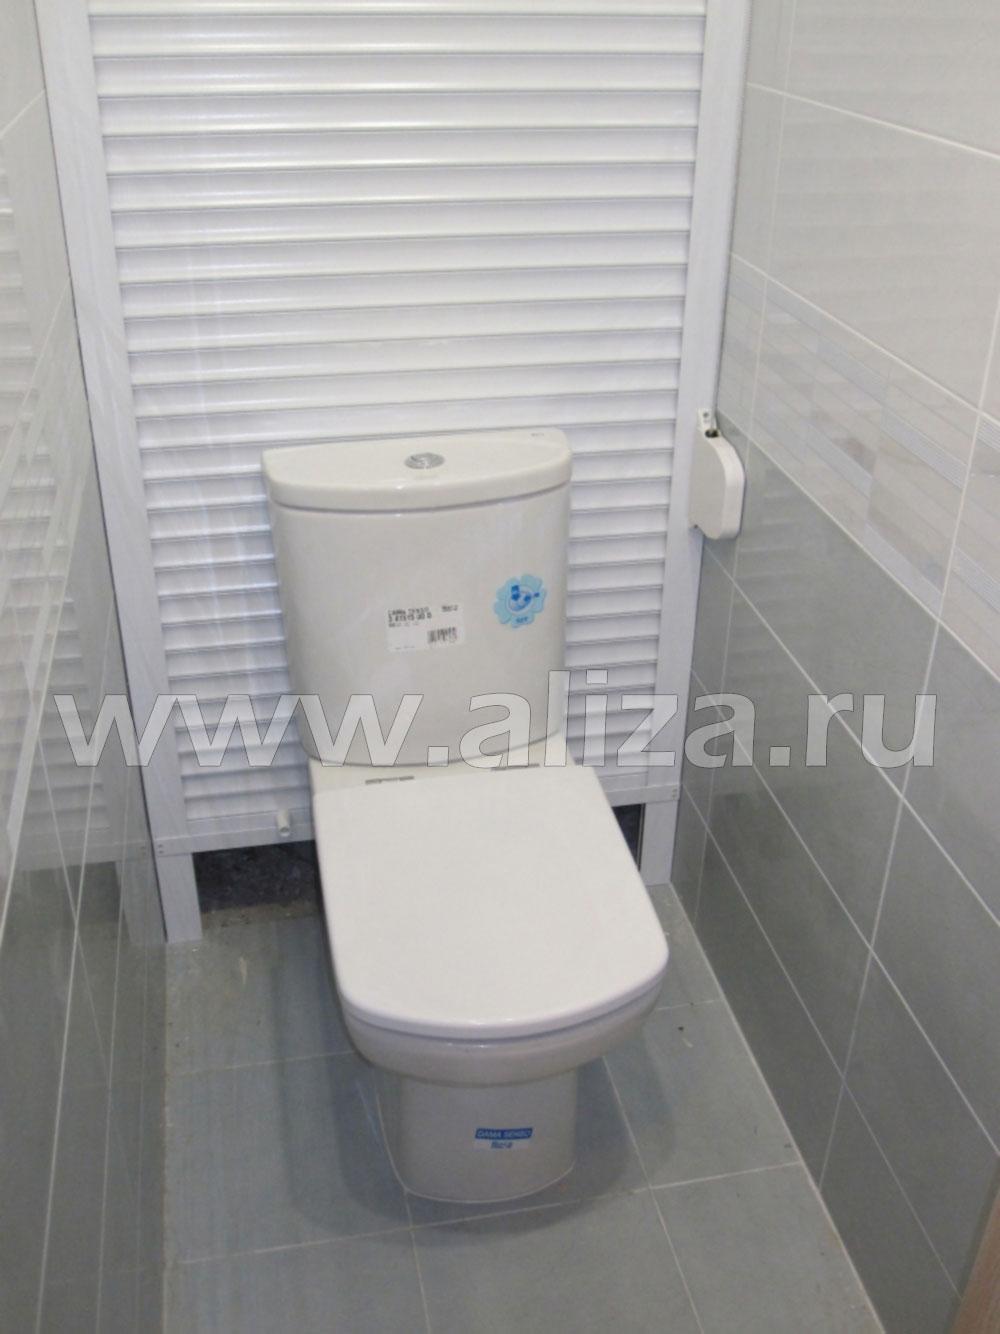 Рольставни в туалет дизайн